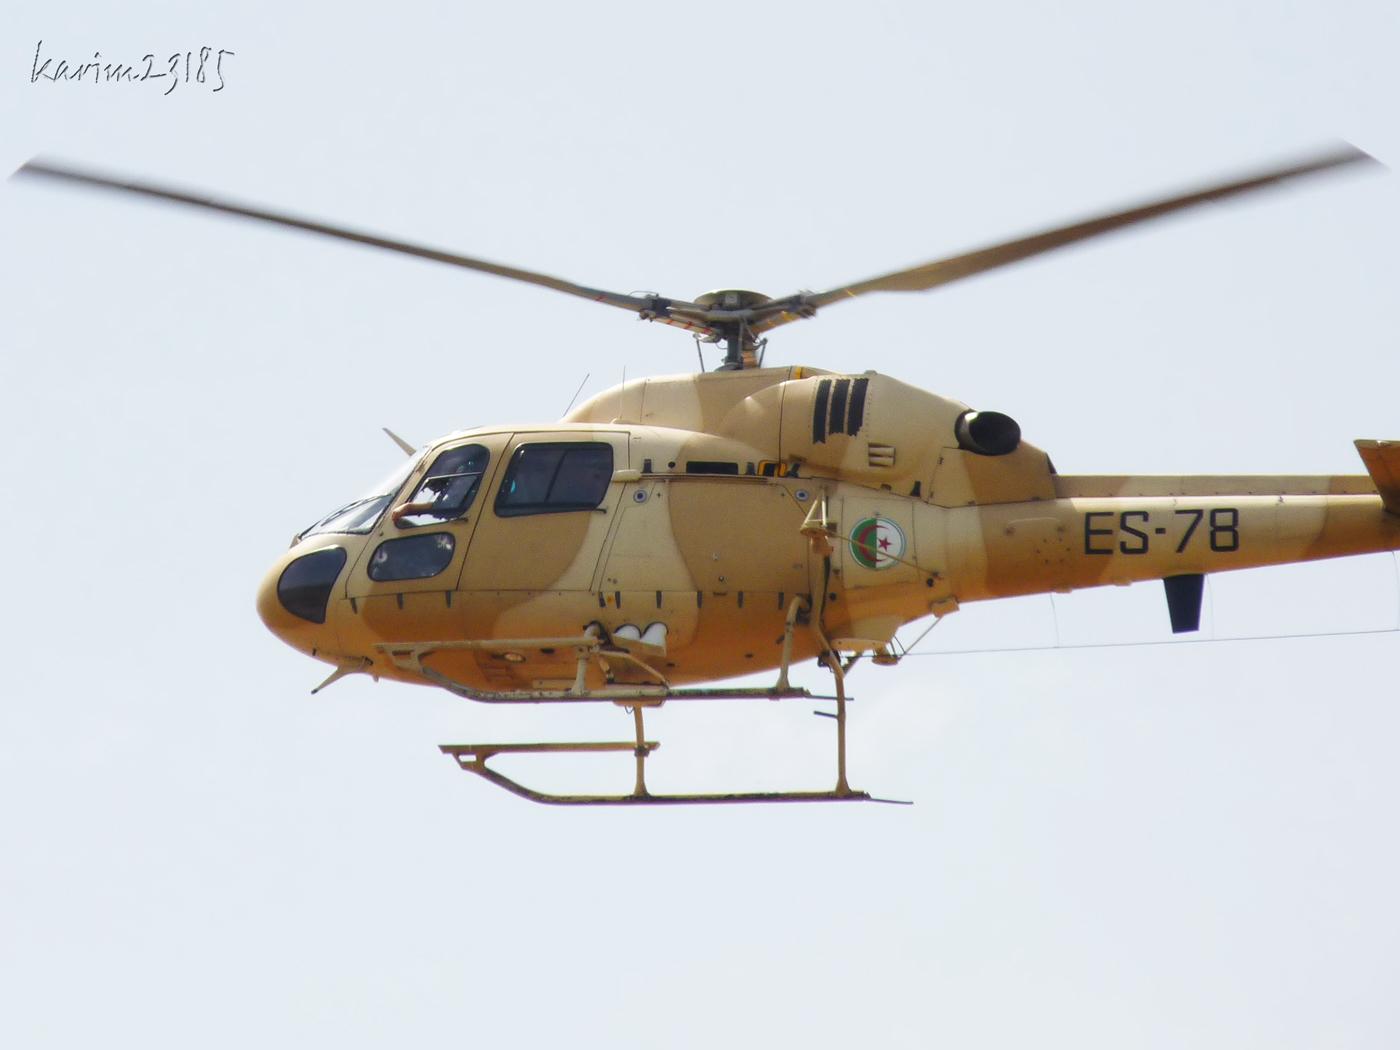 صور مروحيات القوات الجوية الجزائرية Ecureuil/Fennec ] AS-355N2 / AS-555N ] - صفحة 6 27161276970_eb88a302b3_o